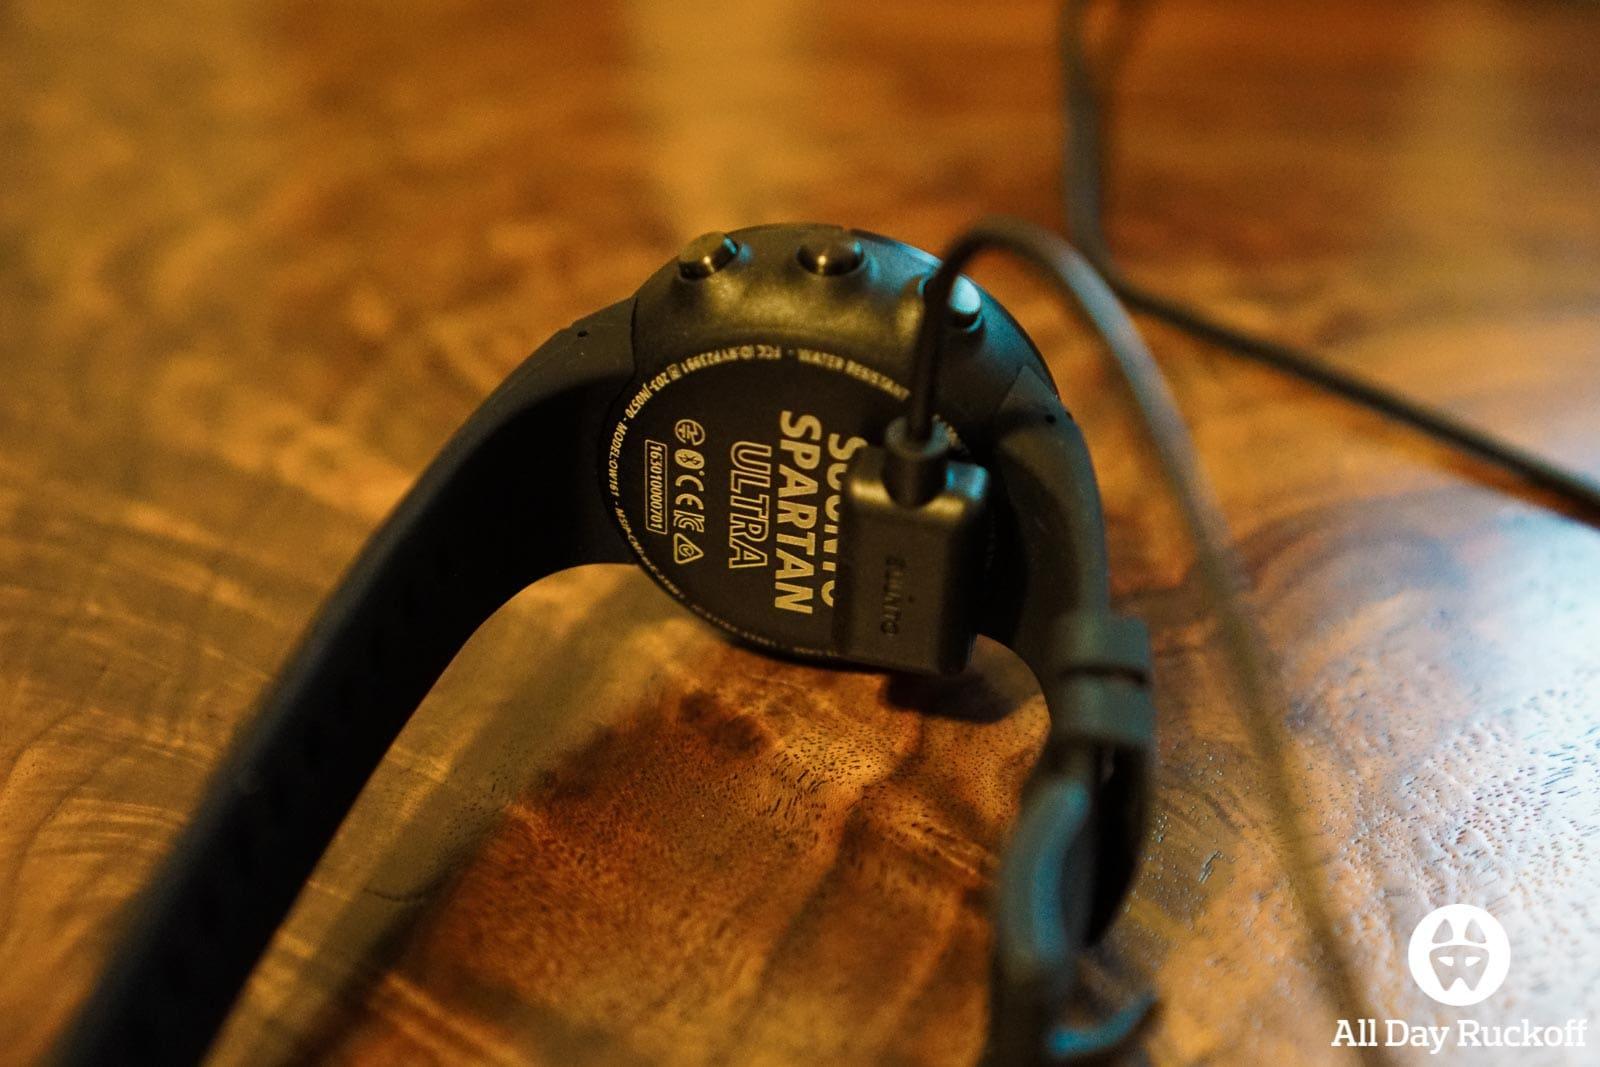 Suunto Spartan Ultra Titanium Black - Charging